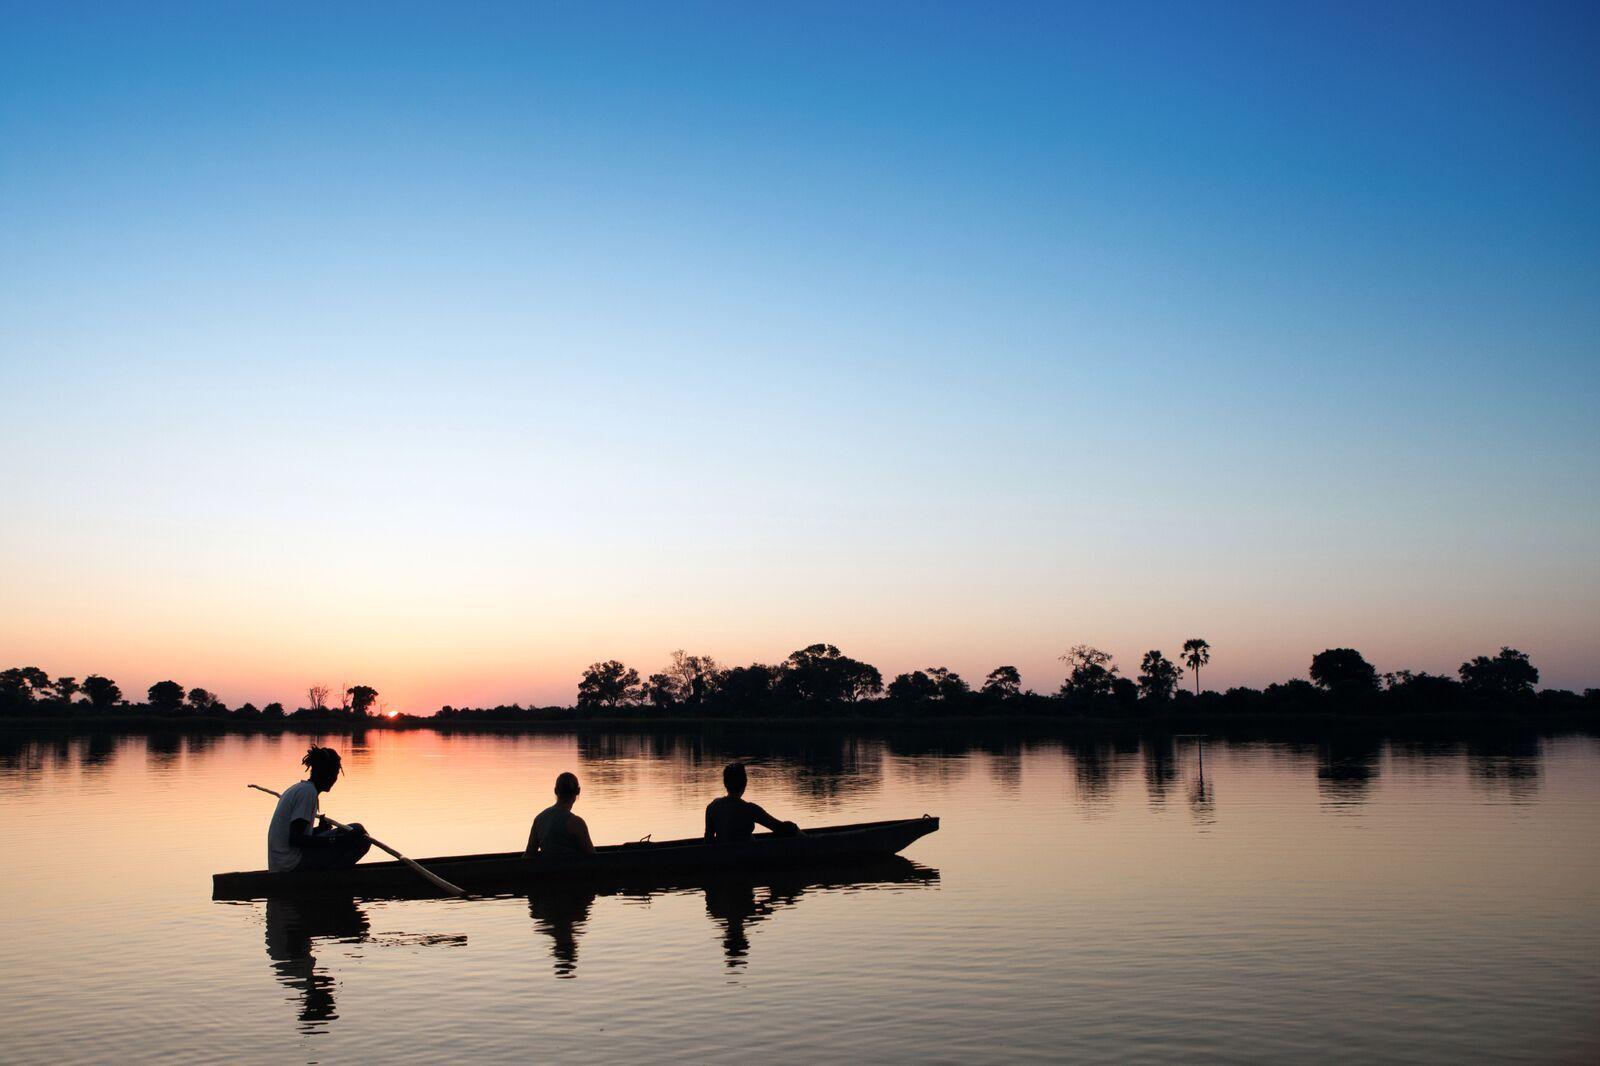 Reise in Sambia in Afrika. Stimmungsbild mit einem Kanu, in dem drei Personen sitzen und kurz nach Sonnenuntergang auf dem Fluss fahren.